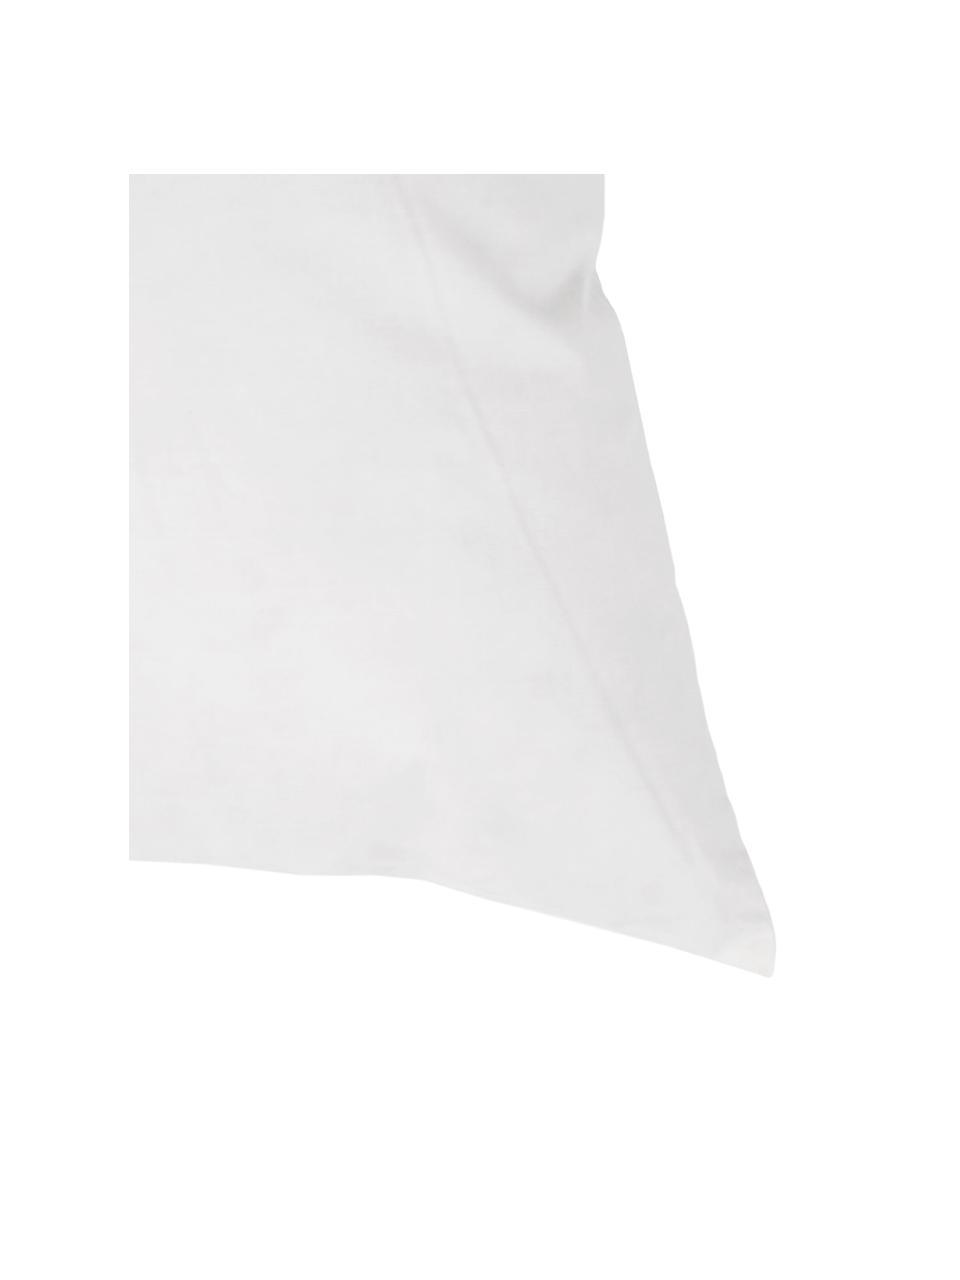 Imbottitura per cuscini Premium, 40 x 40, Bianco, Larg. 40 x Lung. 40 cm